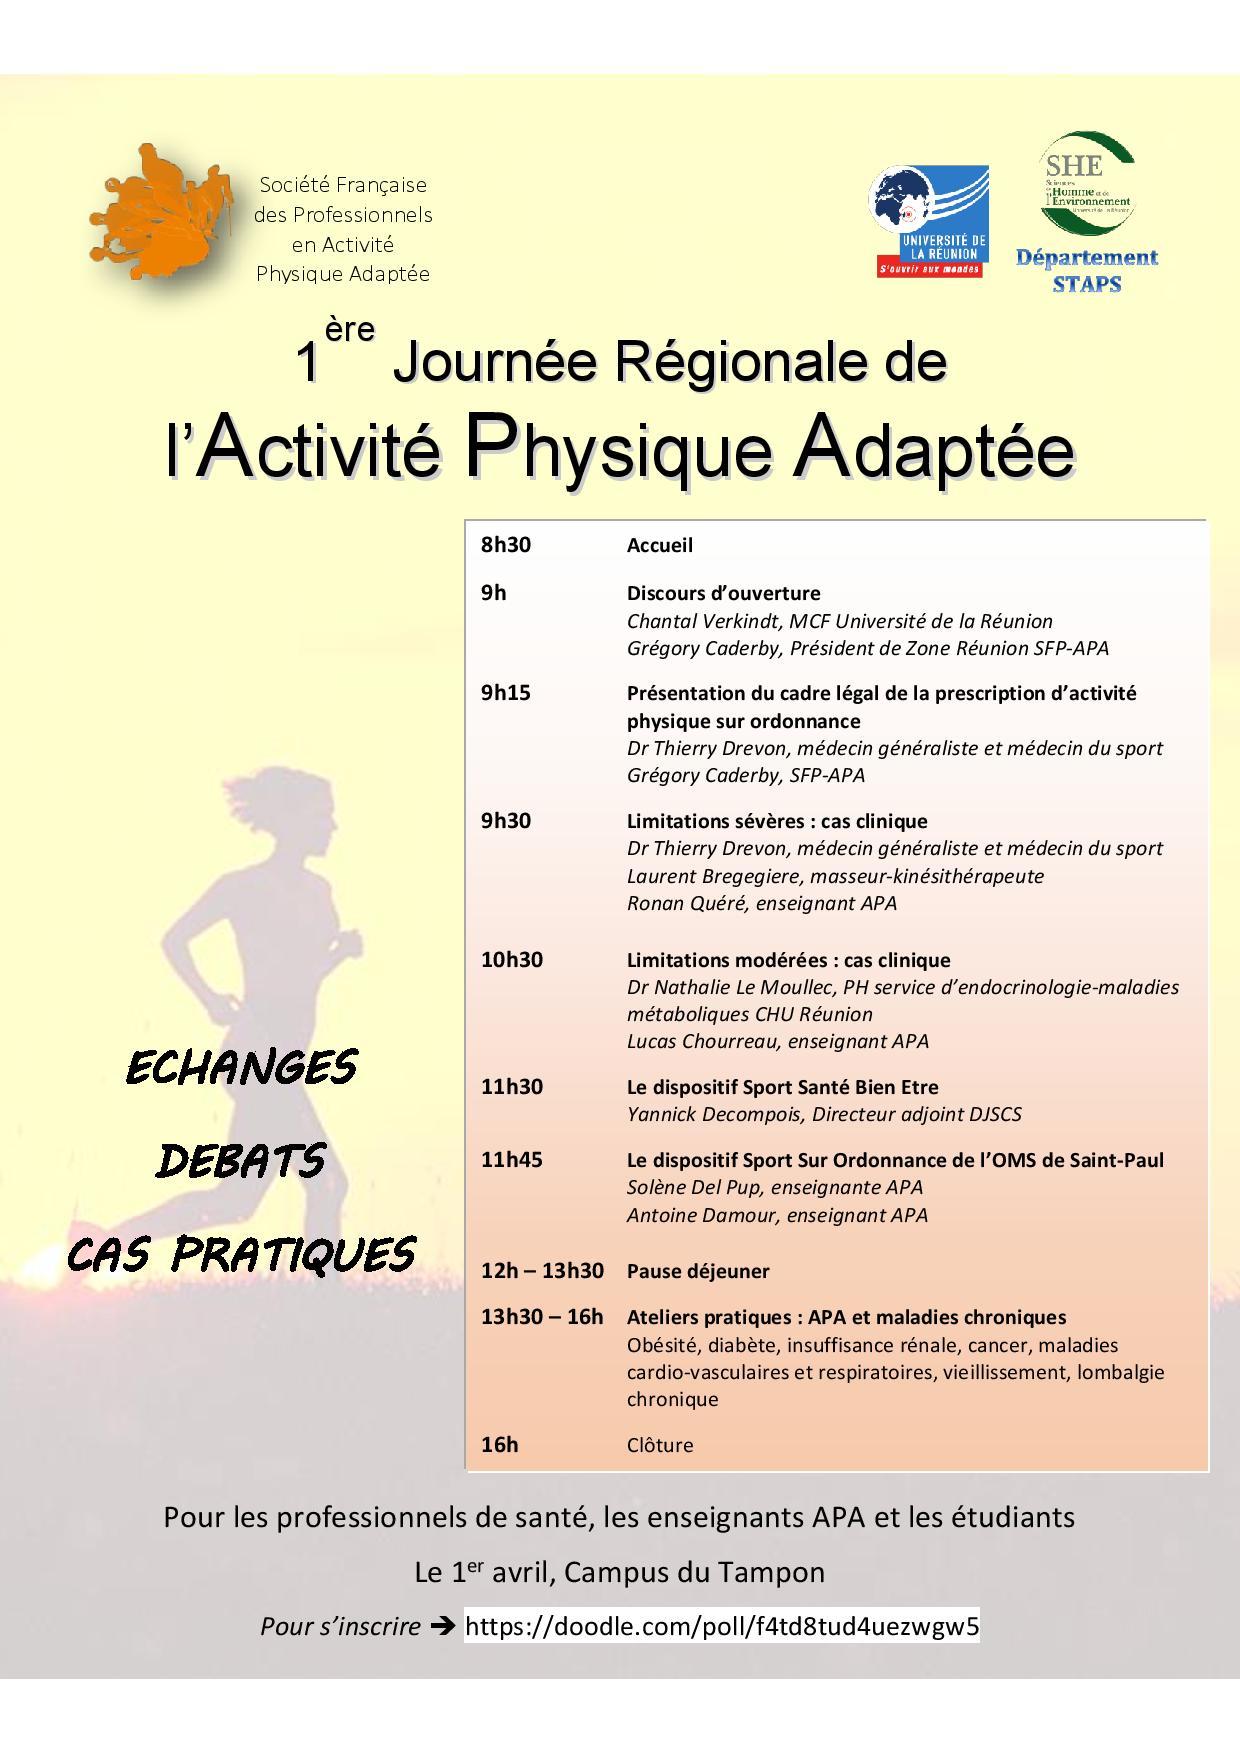 1ère Journée Régionale de l'Activité Physique Adaptée